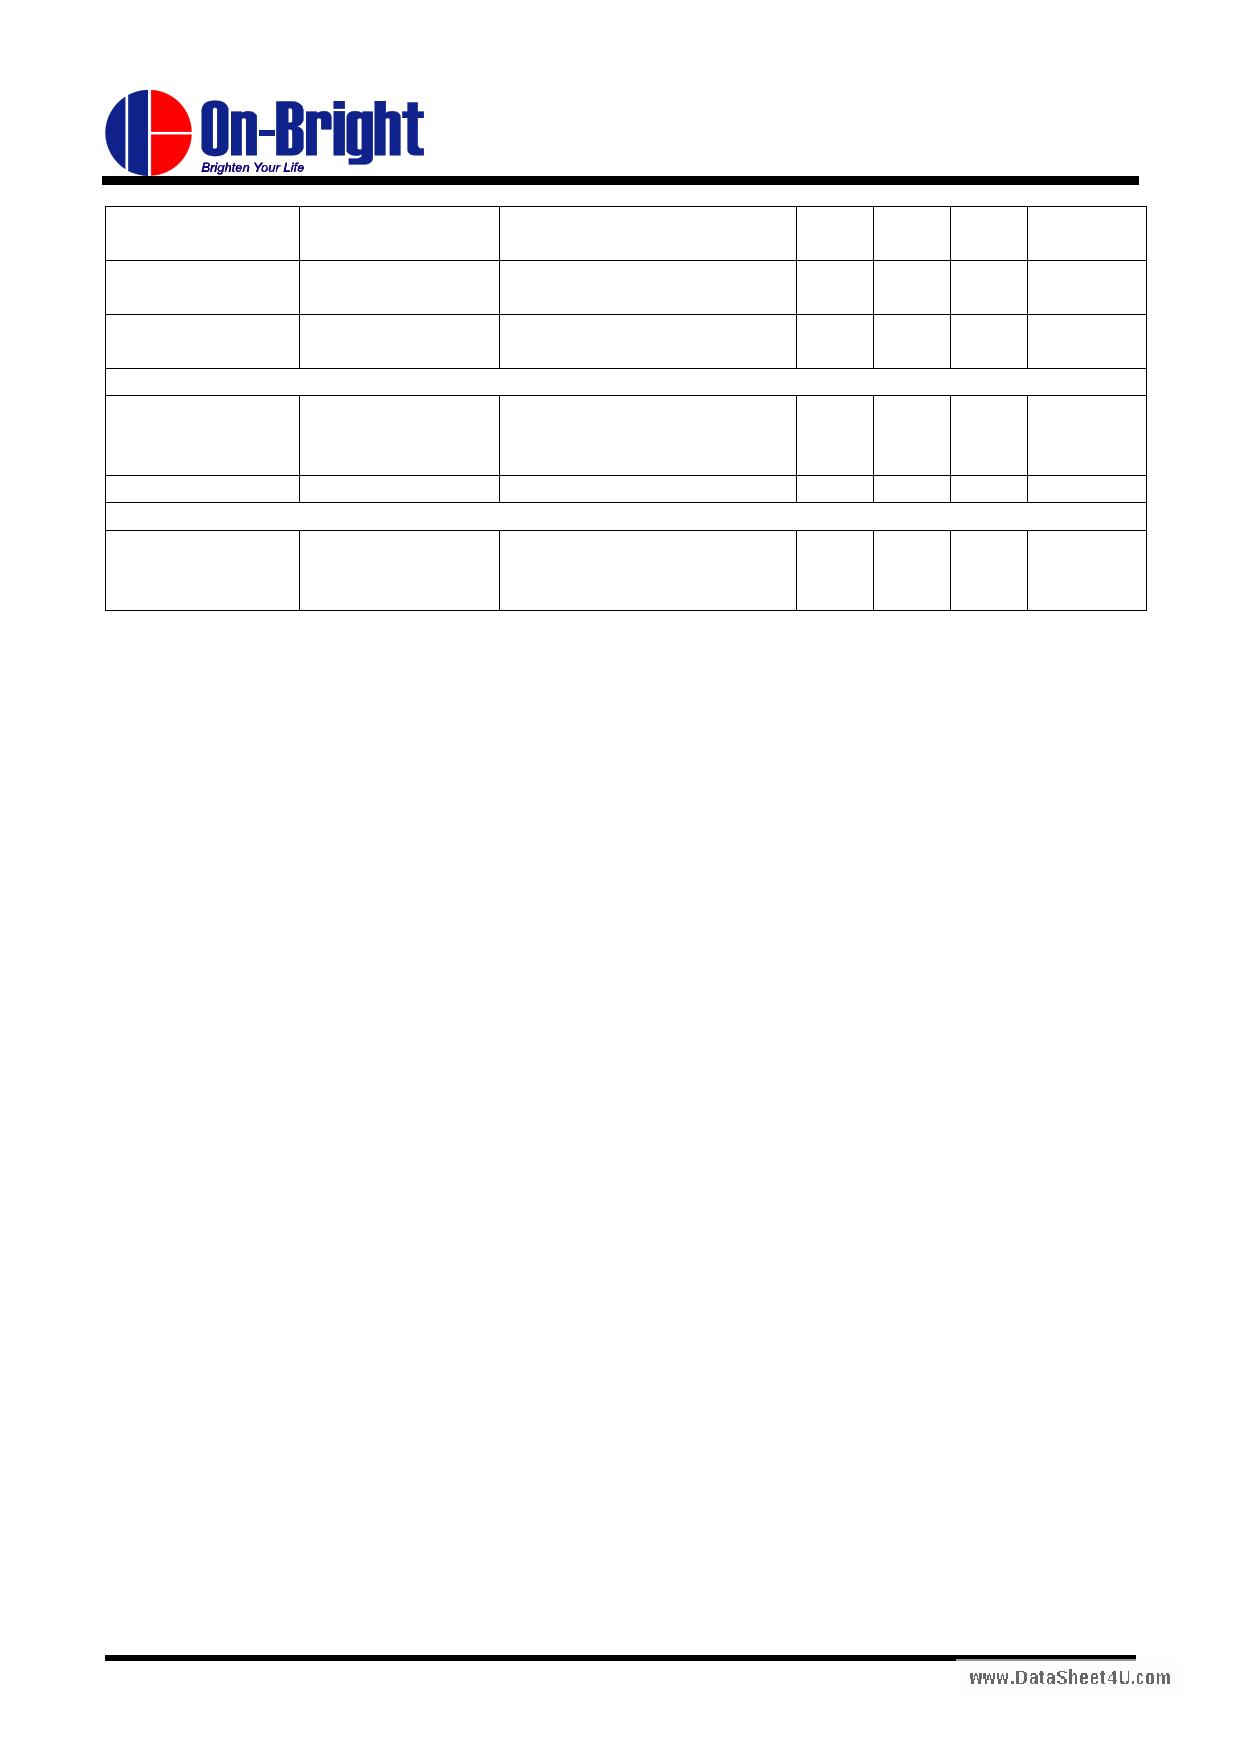 OB2358 pdf